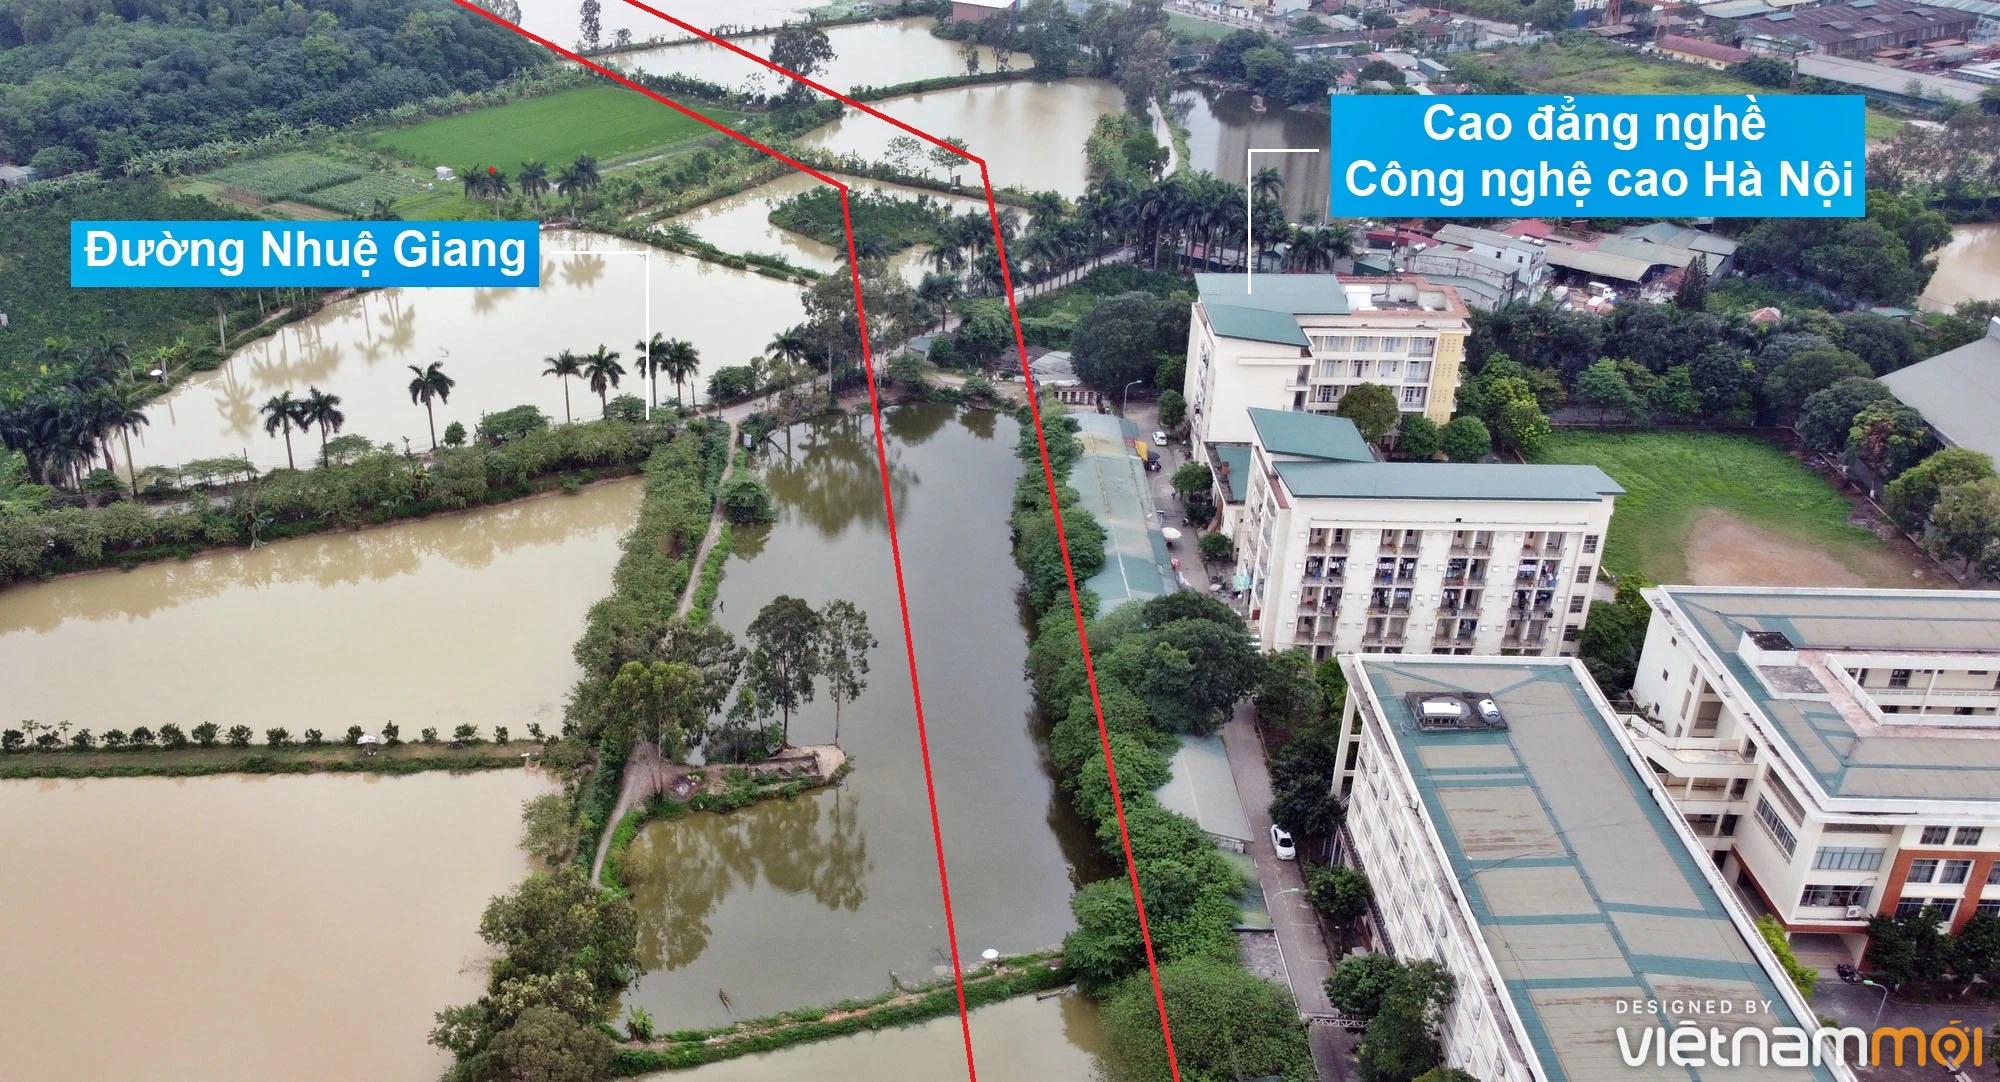 Những khu đất sắp thu hồi để mở đường ở phường Tây Mỗ, Nam Từ Liêm, Hà Nội (phần 1) - Ảnh 9.